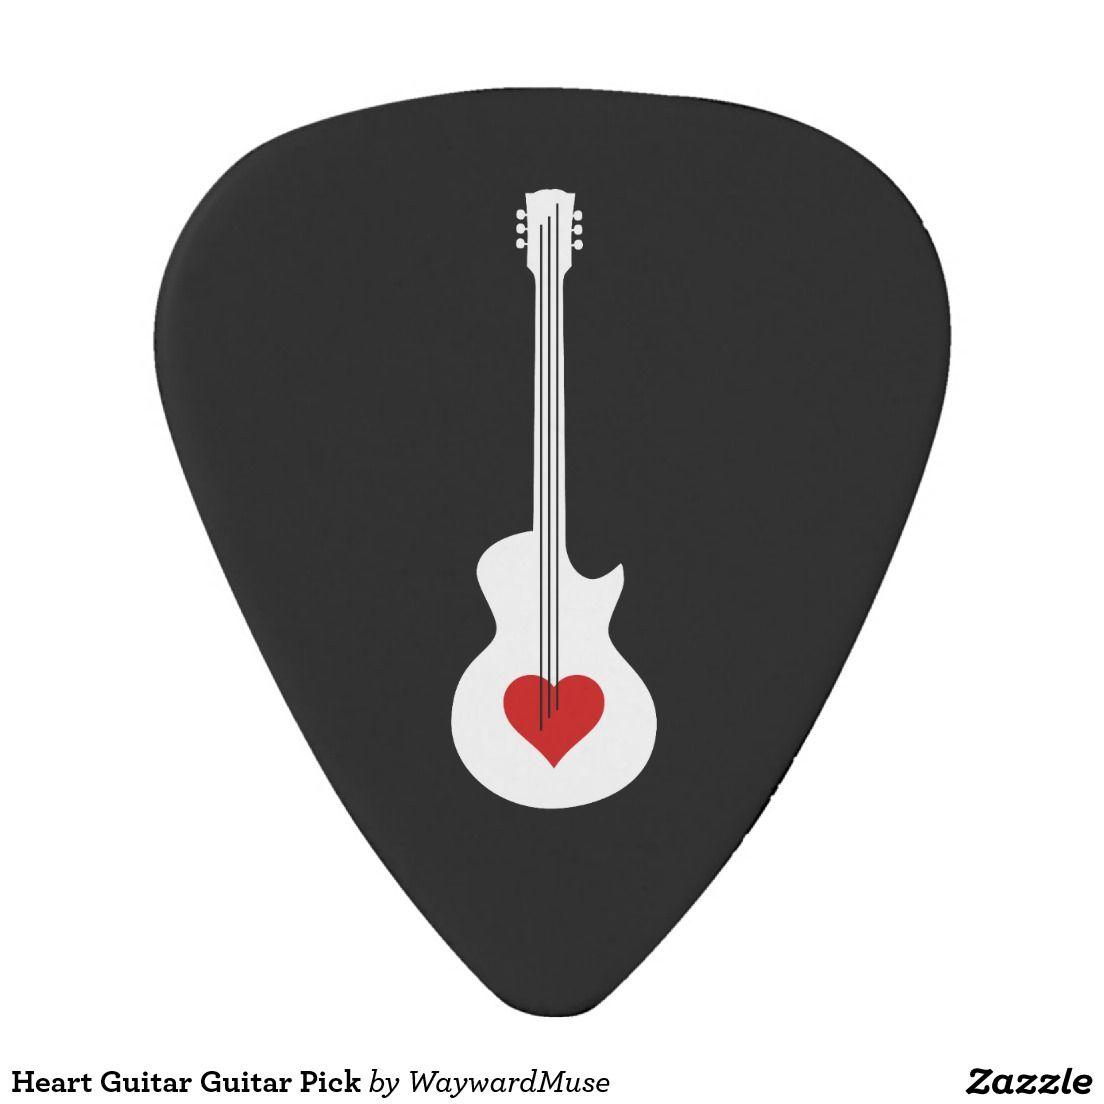 Pa de guitarra de la guitarra del corazn  Guitars Guitar picks